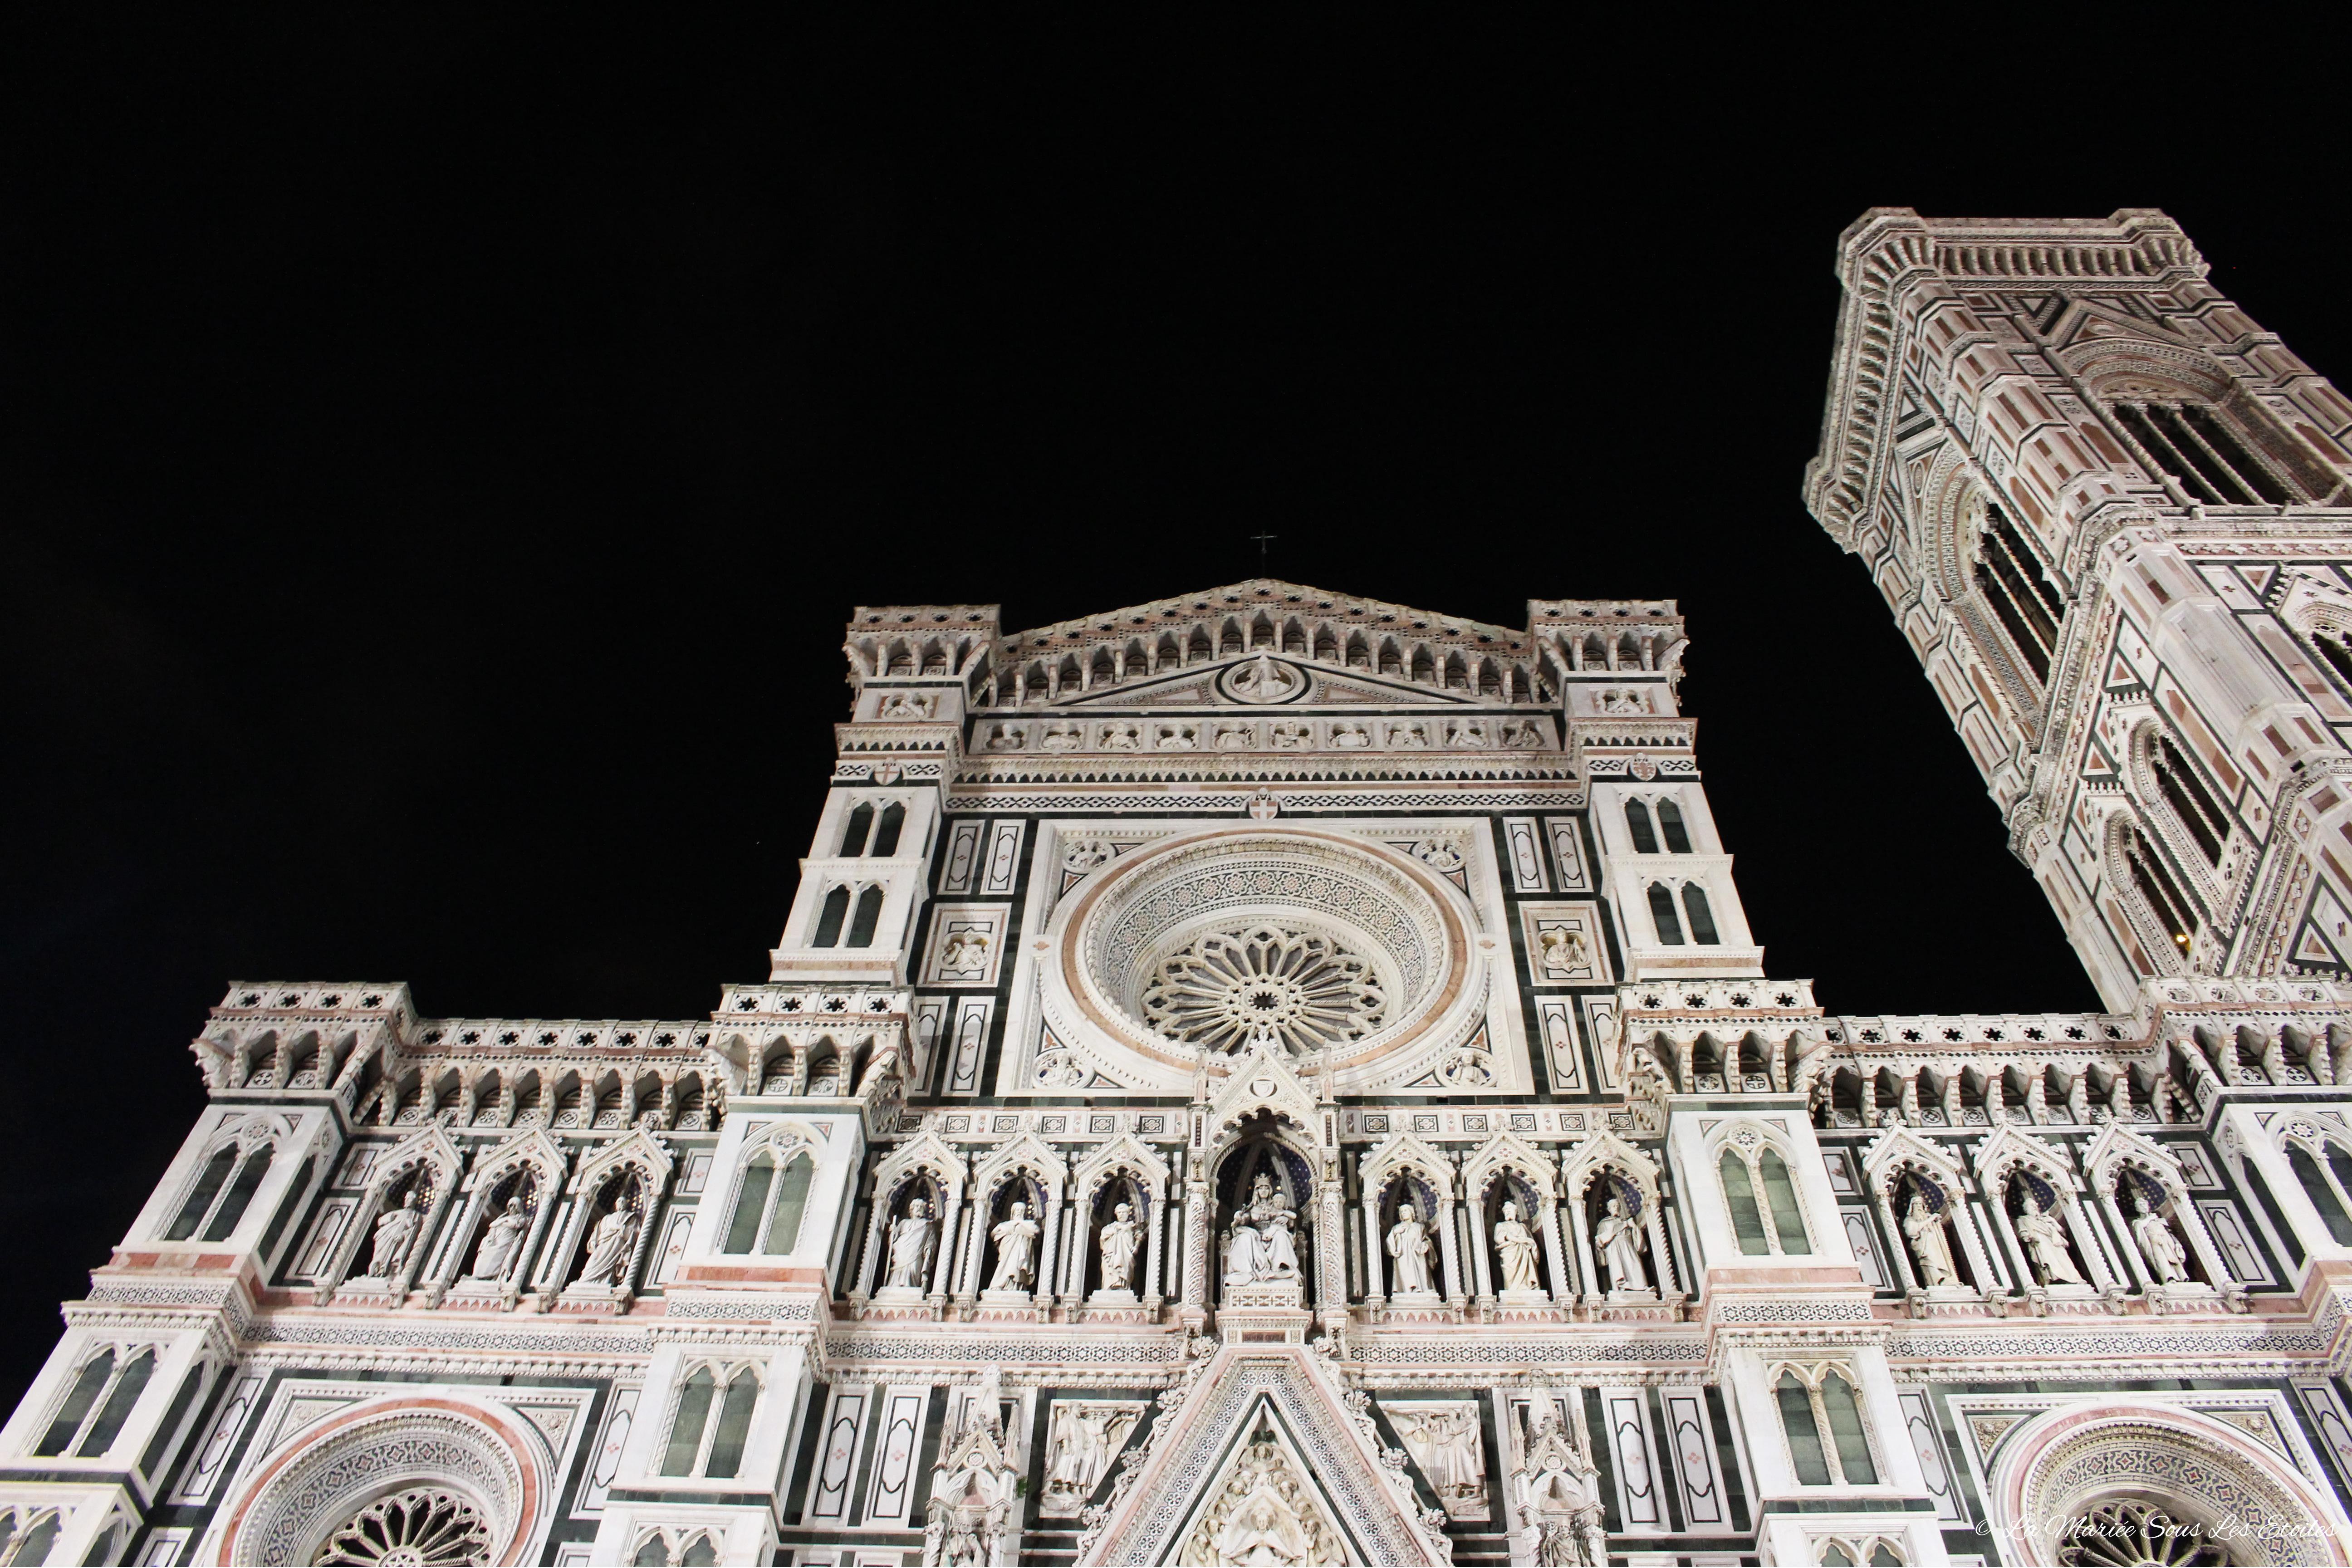 Santa Maria Del Fiore et le Duomo à Firenze | Voyage en amoureux - Florence